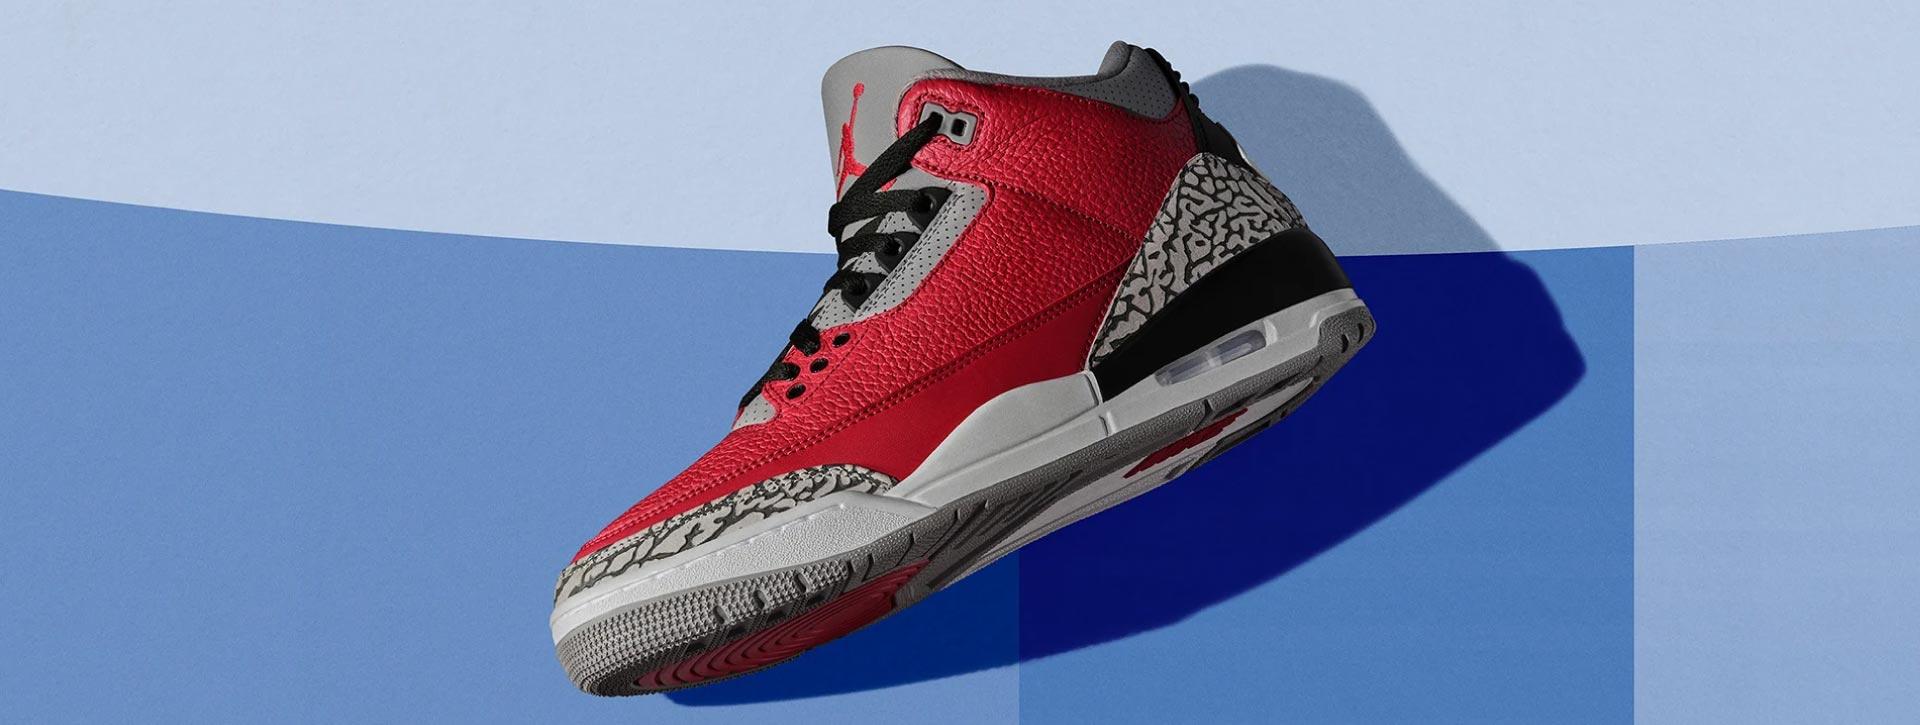 Jordan Red Cement